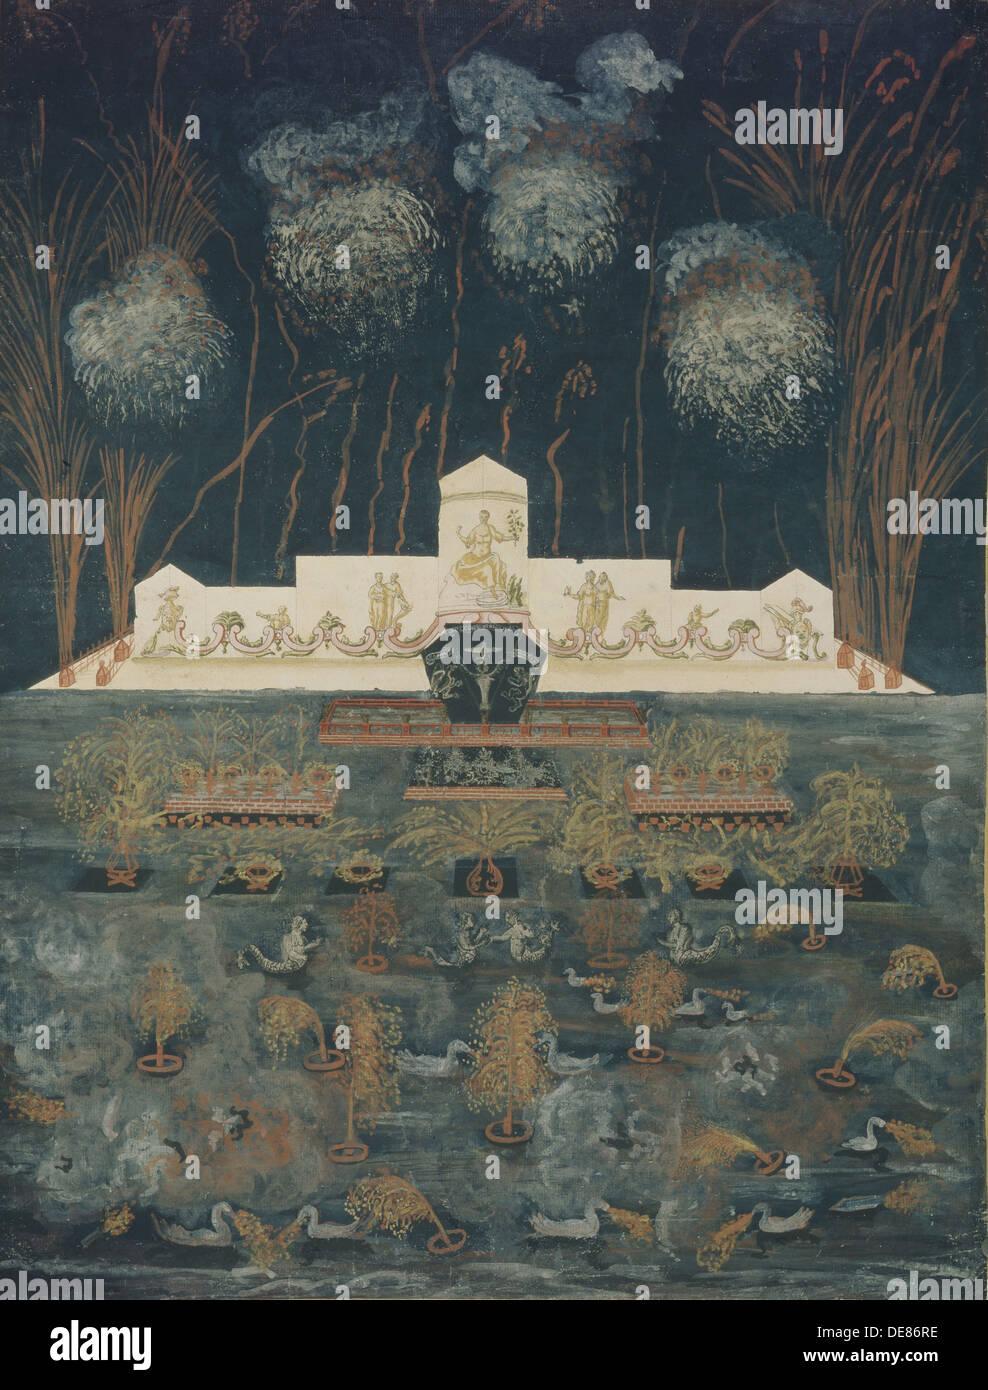 Fuochi d'artificio e illuminazione in occasione del trattato di Abo su settembre 15th, 1743, metà del XVIII sec.. Artista: Anonimo Immagini Stock